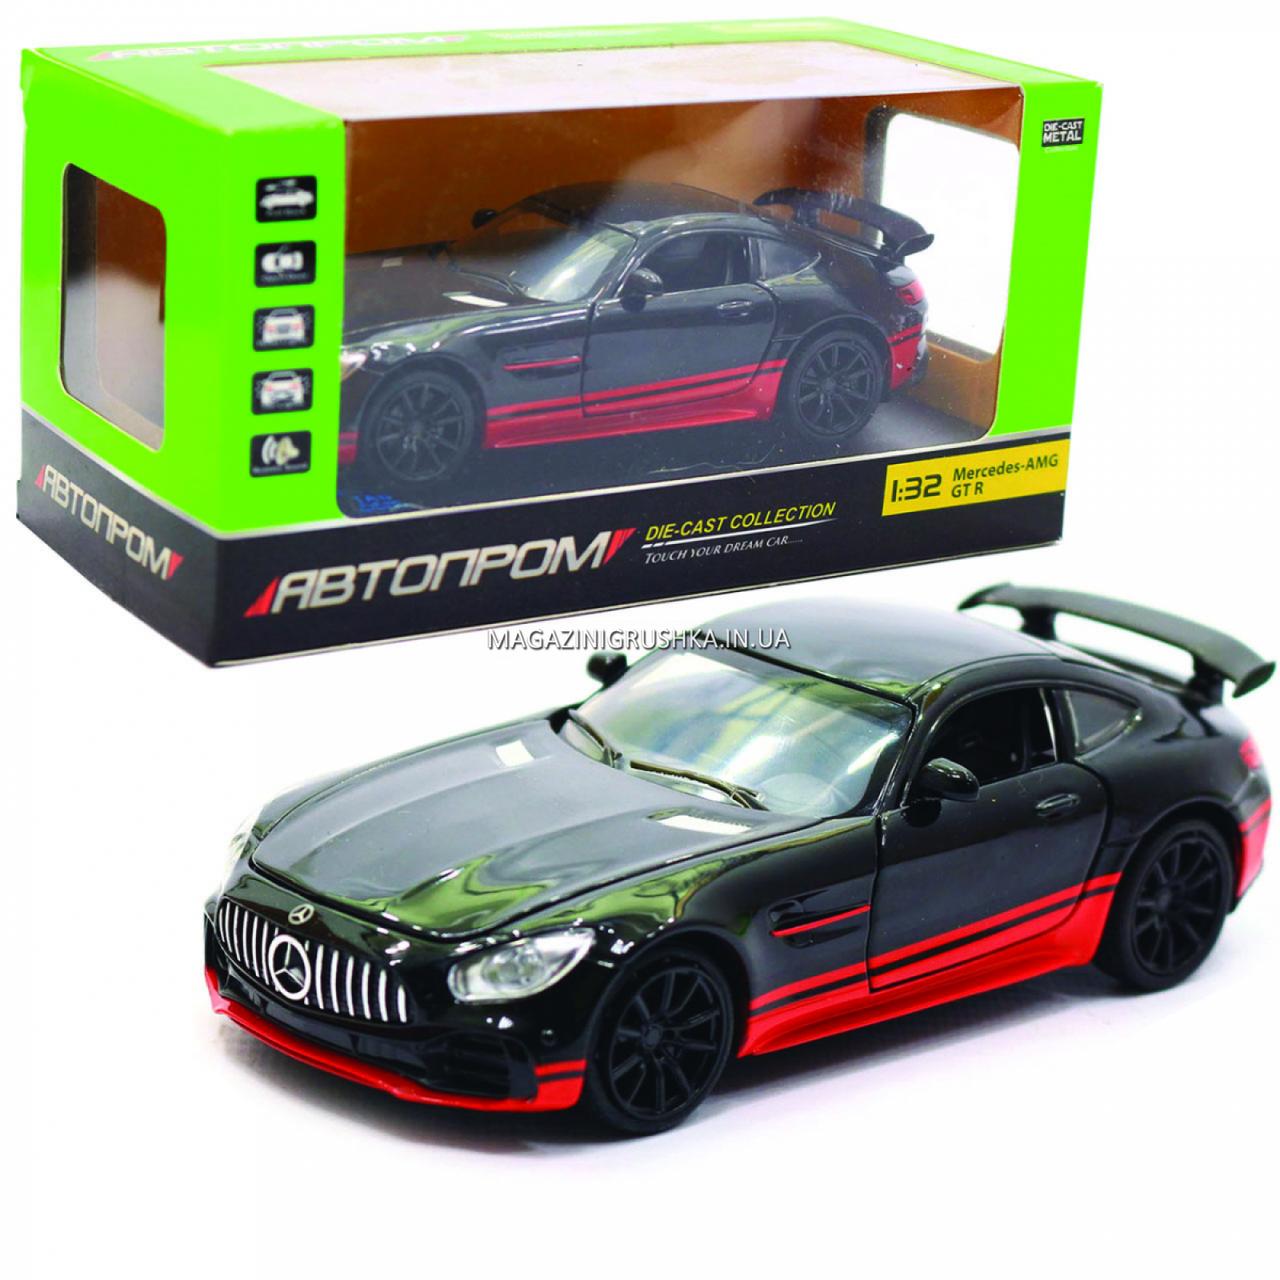 Машинка игровая автопром «Mercedes-AMG GT R», 14 см, свет, звук, двери открываются, черный (7846)